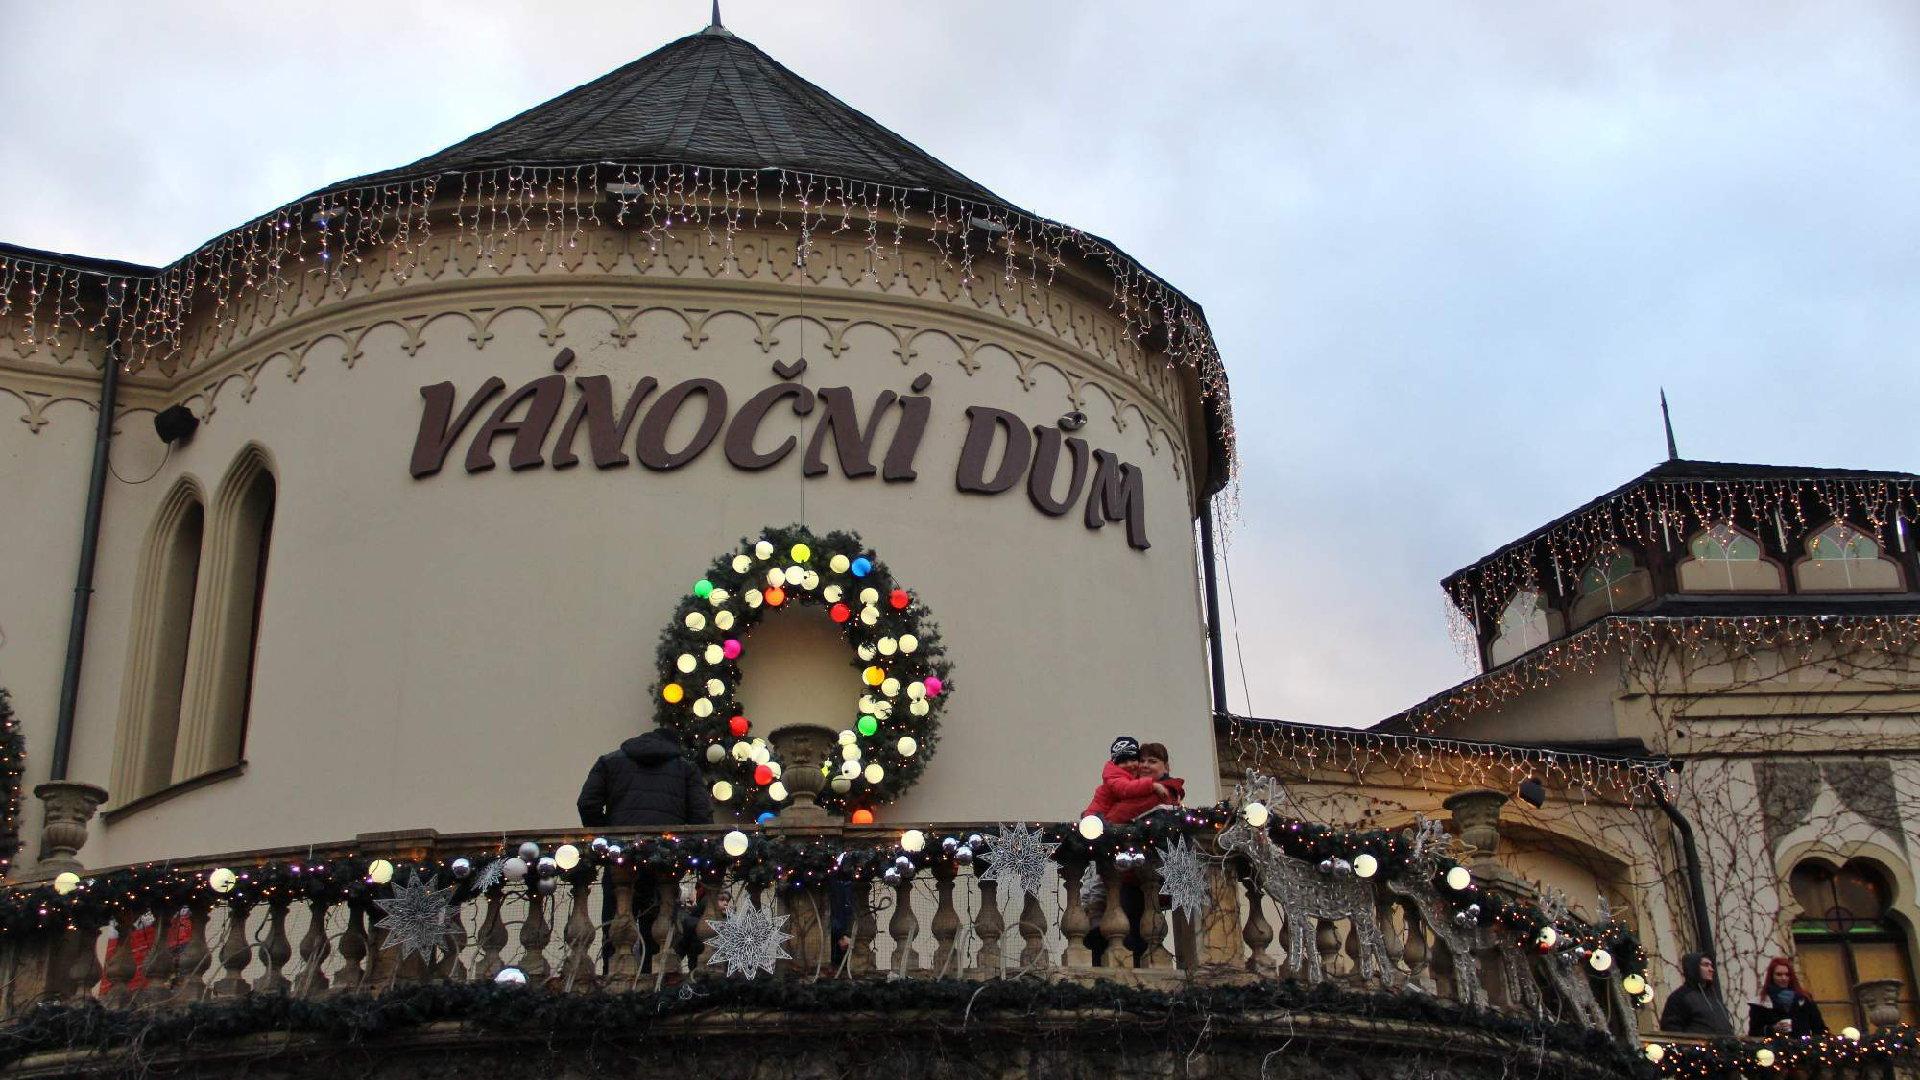 Vánoční dům Karlovy Vary 2019 – Unikátní vánoční muzeum